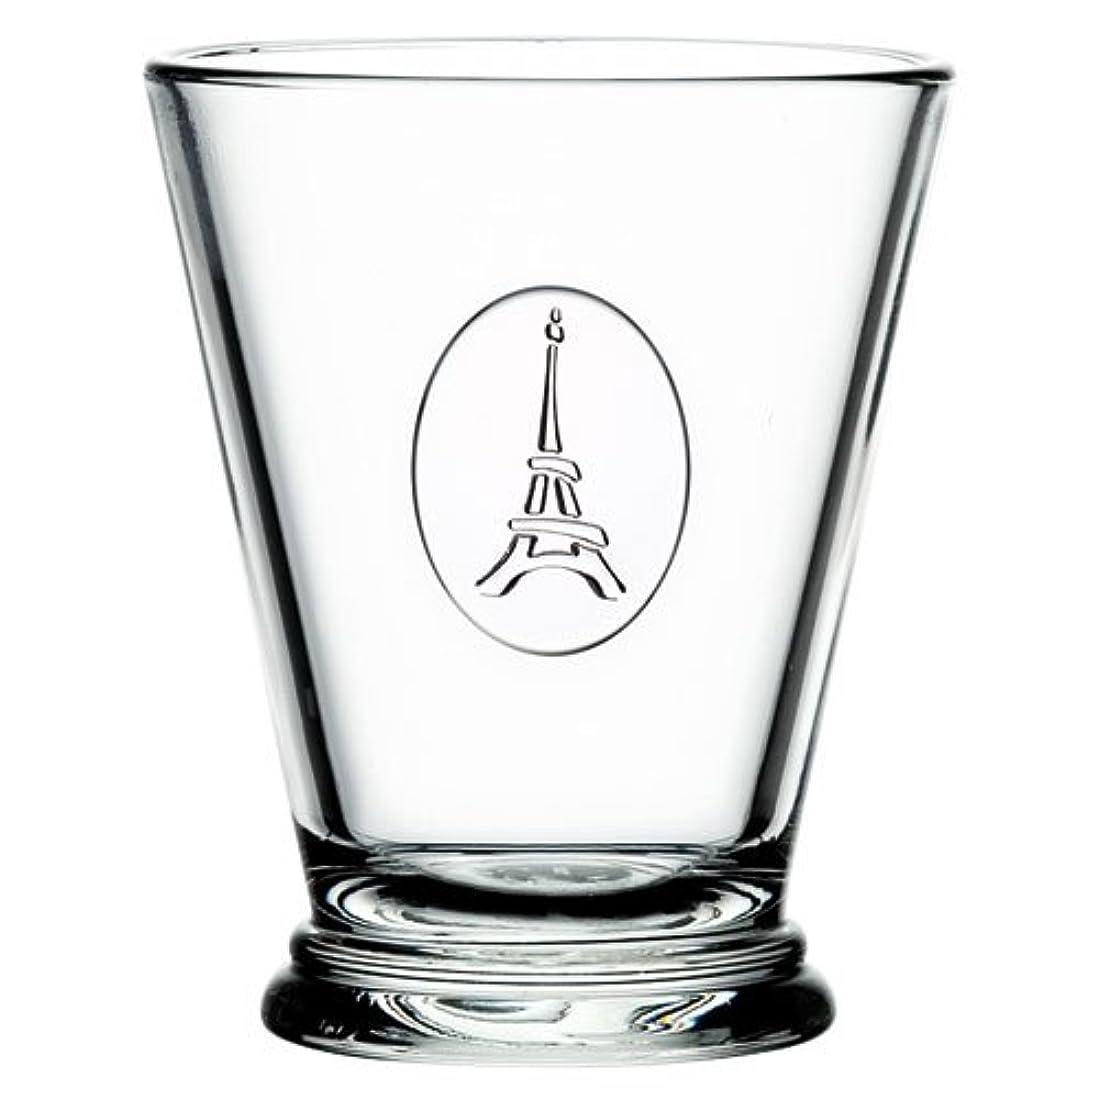 疫病掃く拍車La Rochere トゥールエッフェル タンブラー 260cc クリア φ8.5×H10.5cm